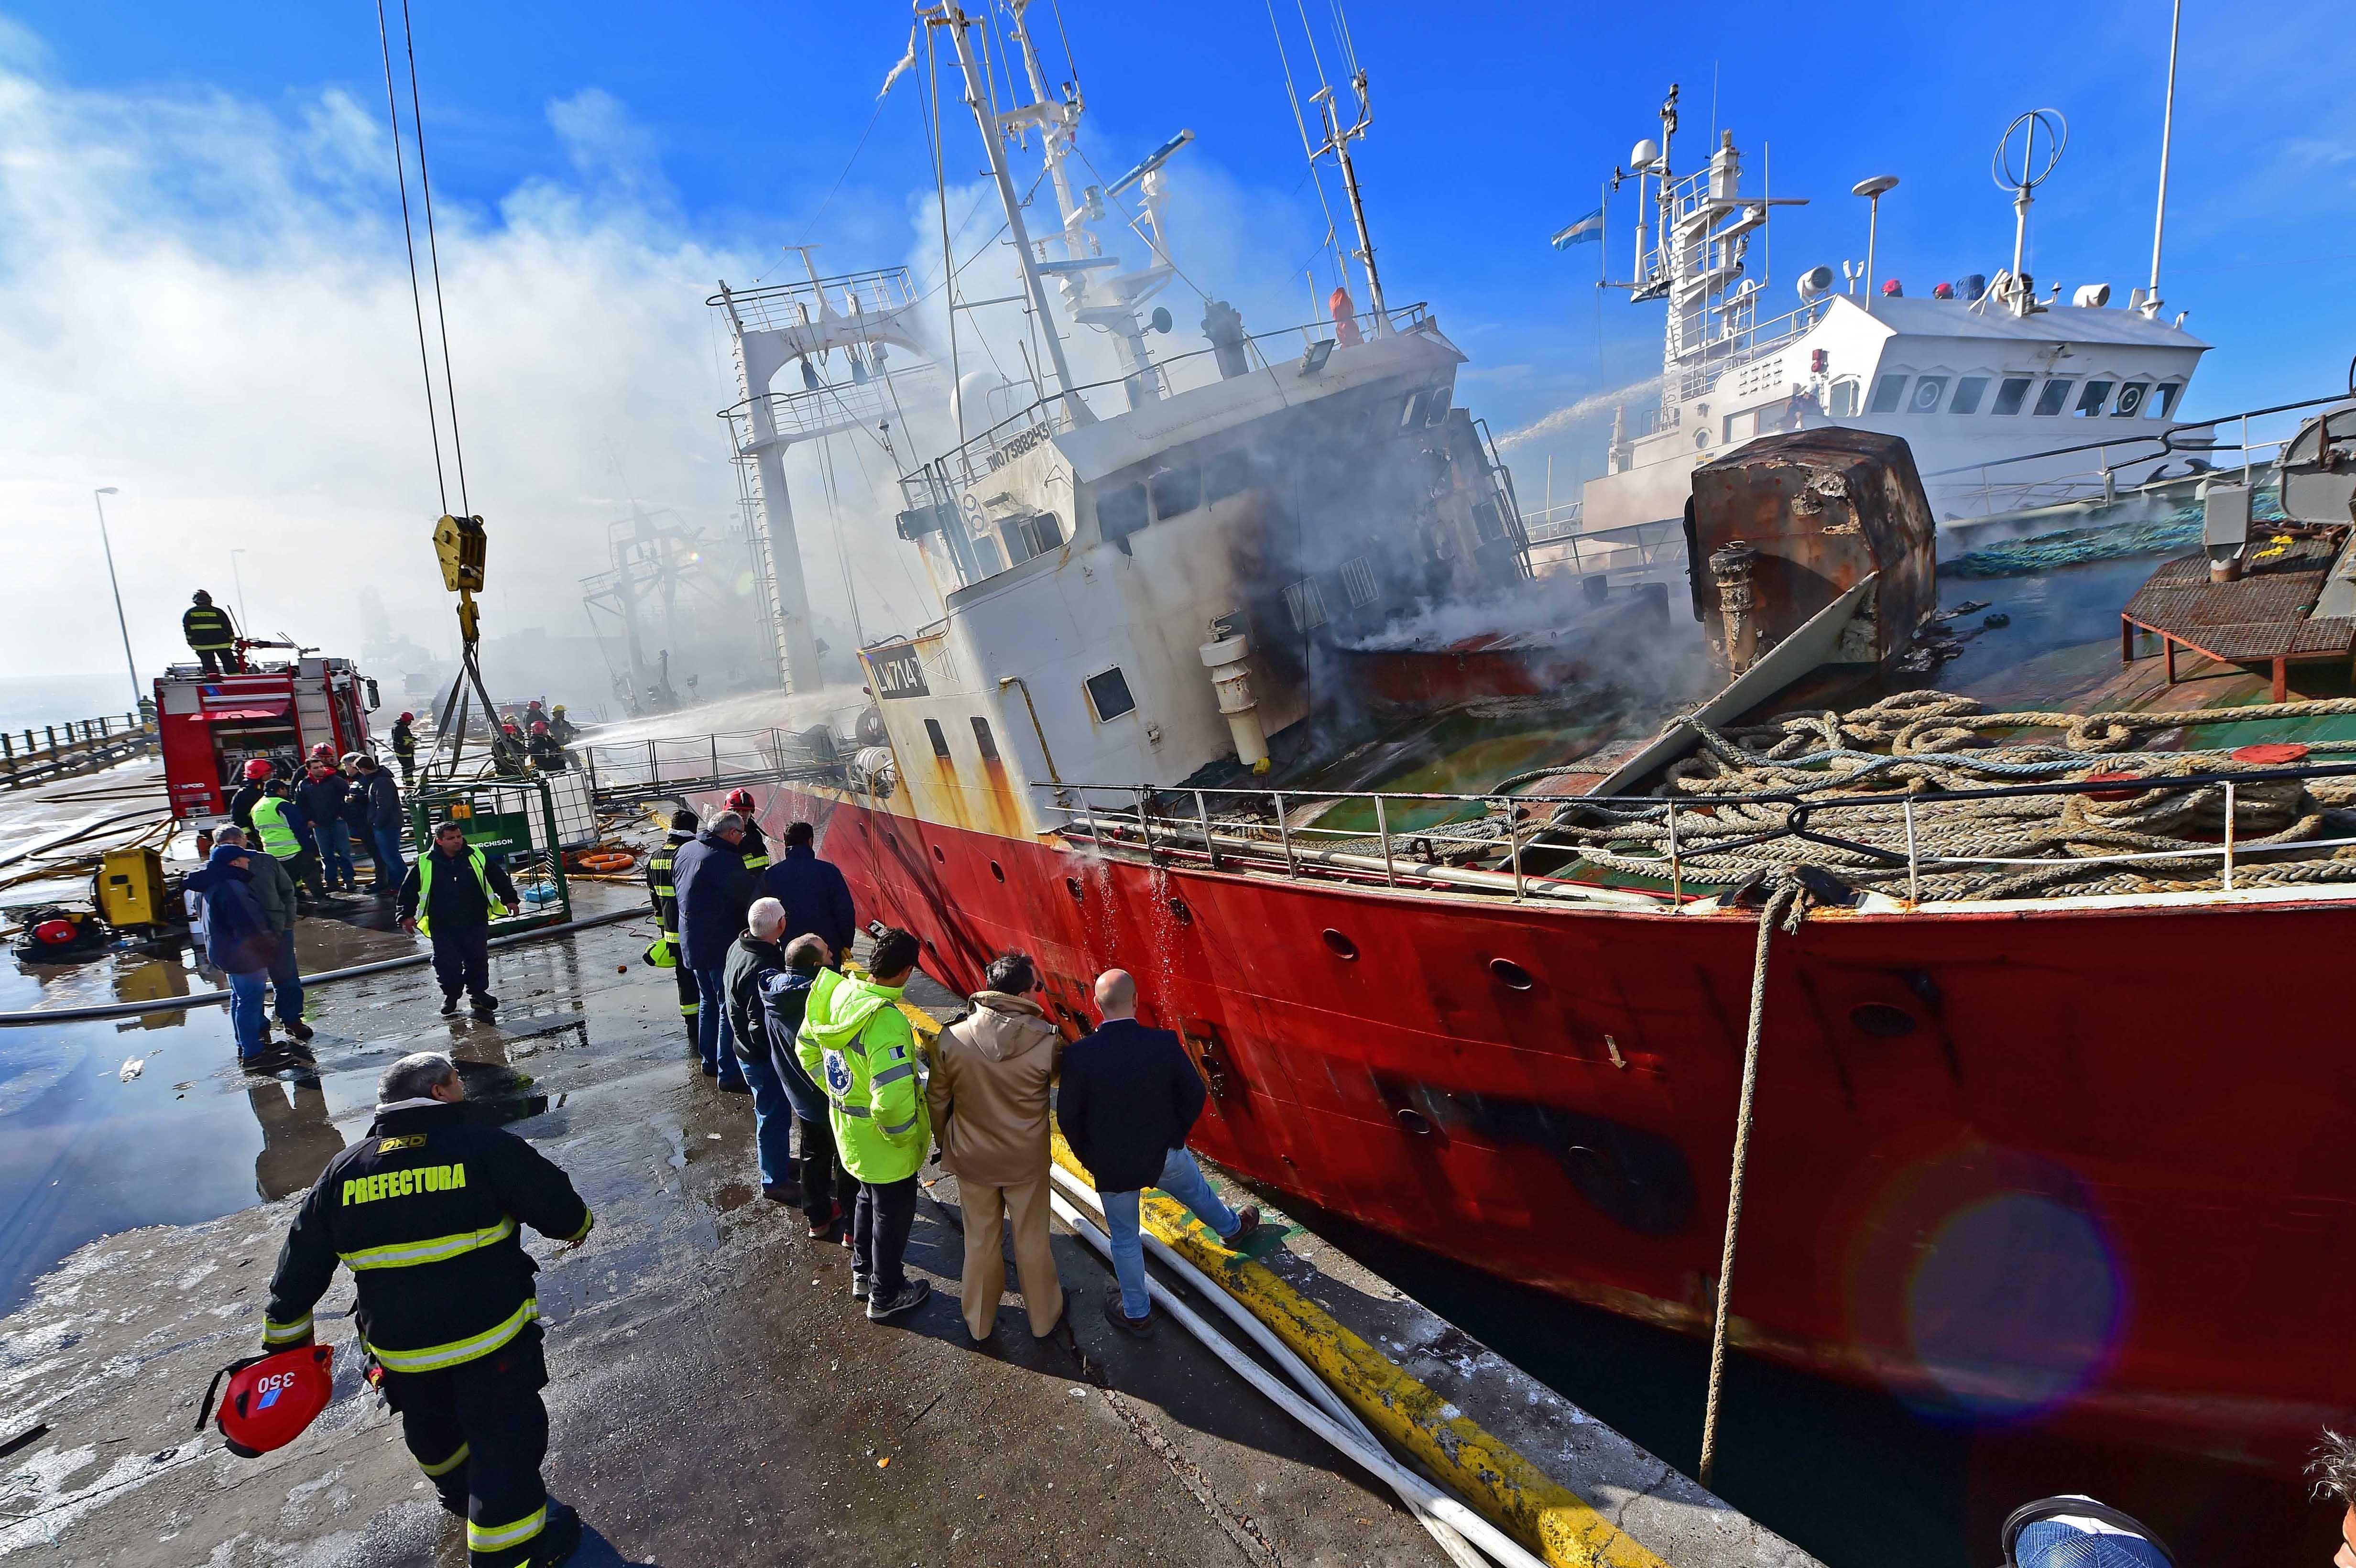 El pesquero está cargado de combustible por lo que representa un enorme peligro